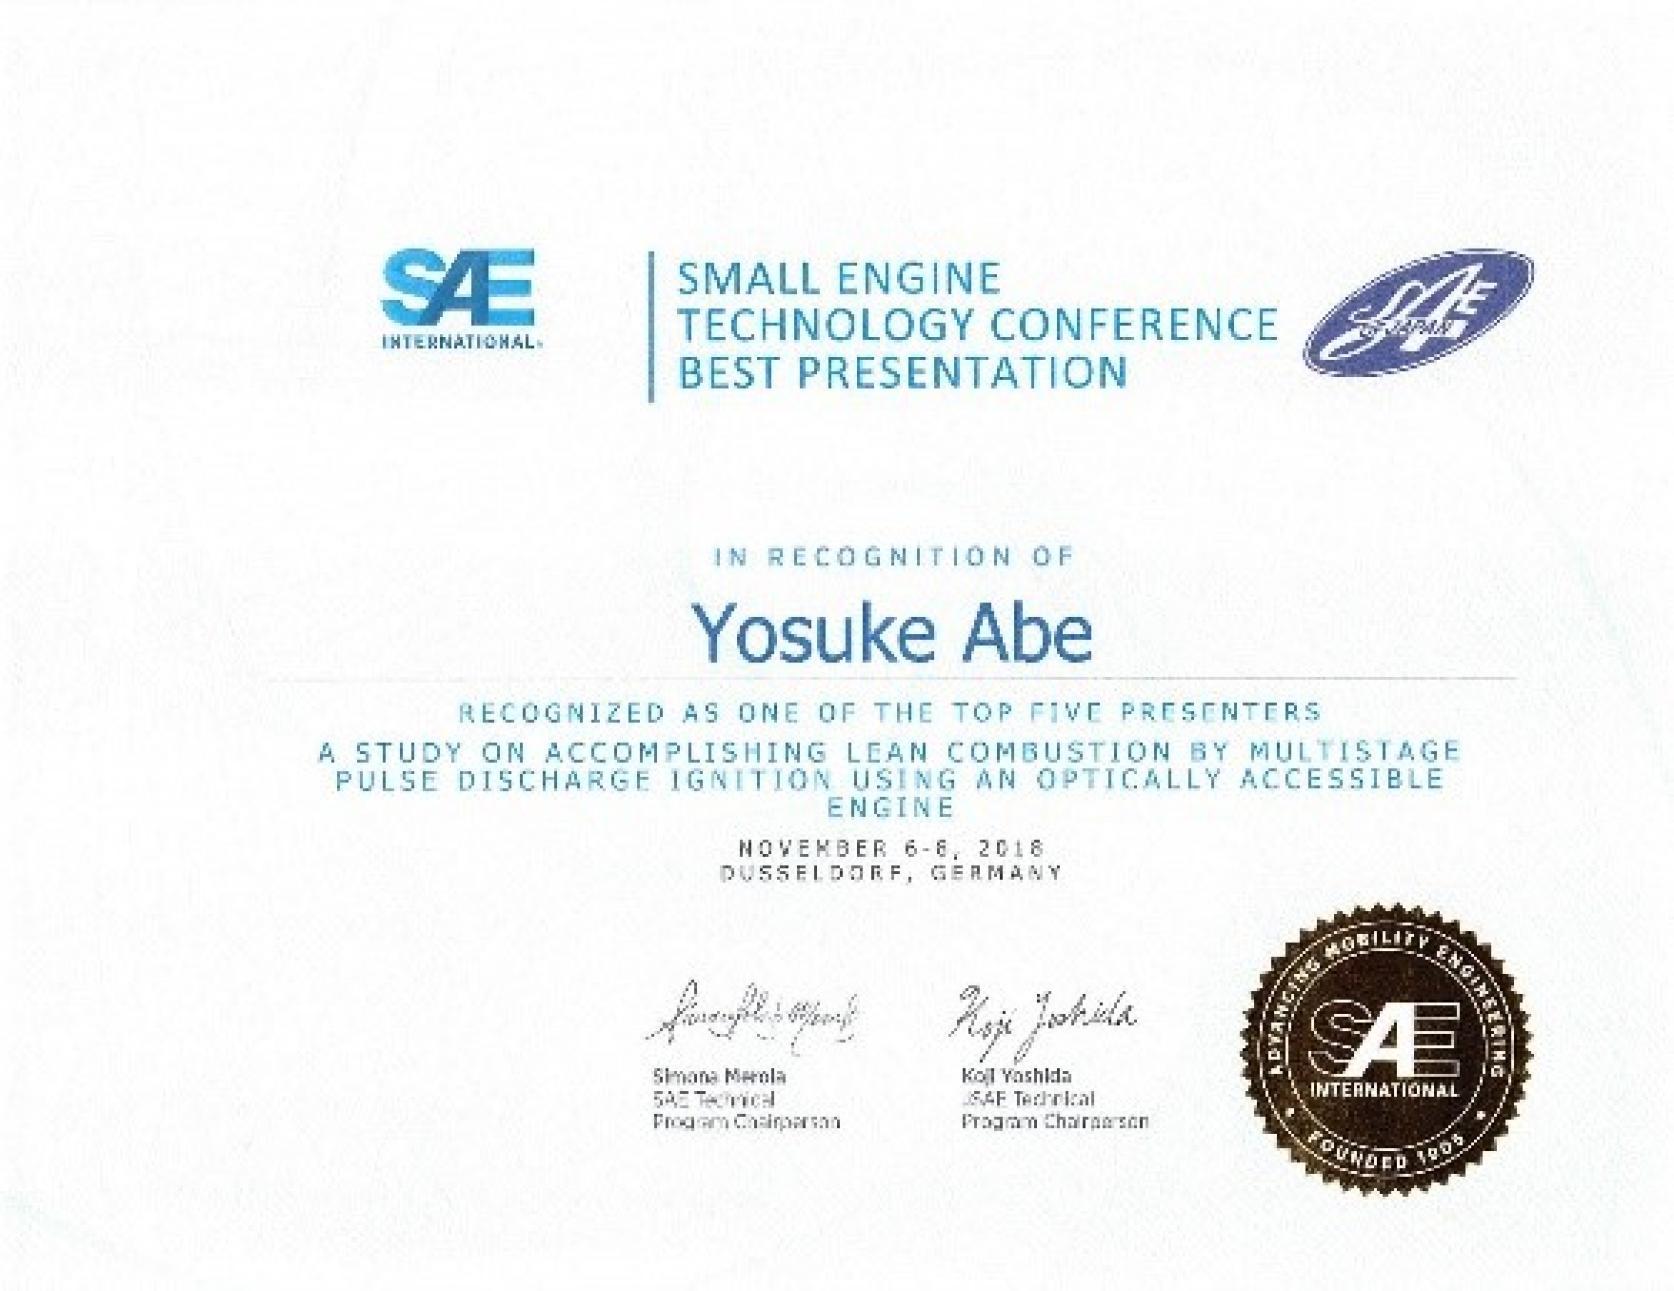 機械工学専攻の山下貴大さん、阿部陽介さん、石川貴大さんが「2018 Small Engine Technology Conference」において、ベストプレゼンテーション賞を受賞しました。